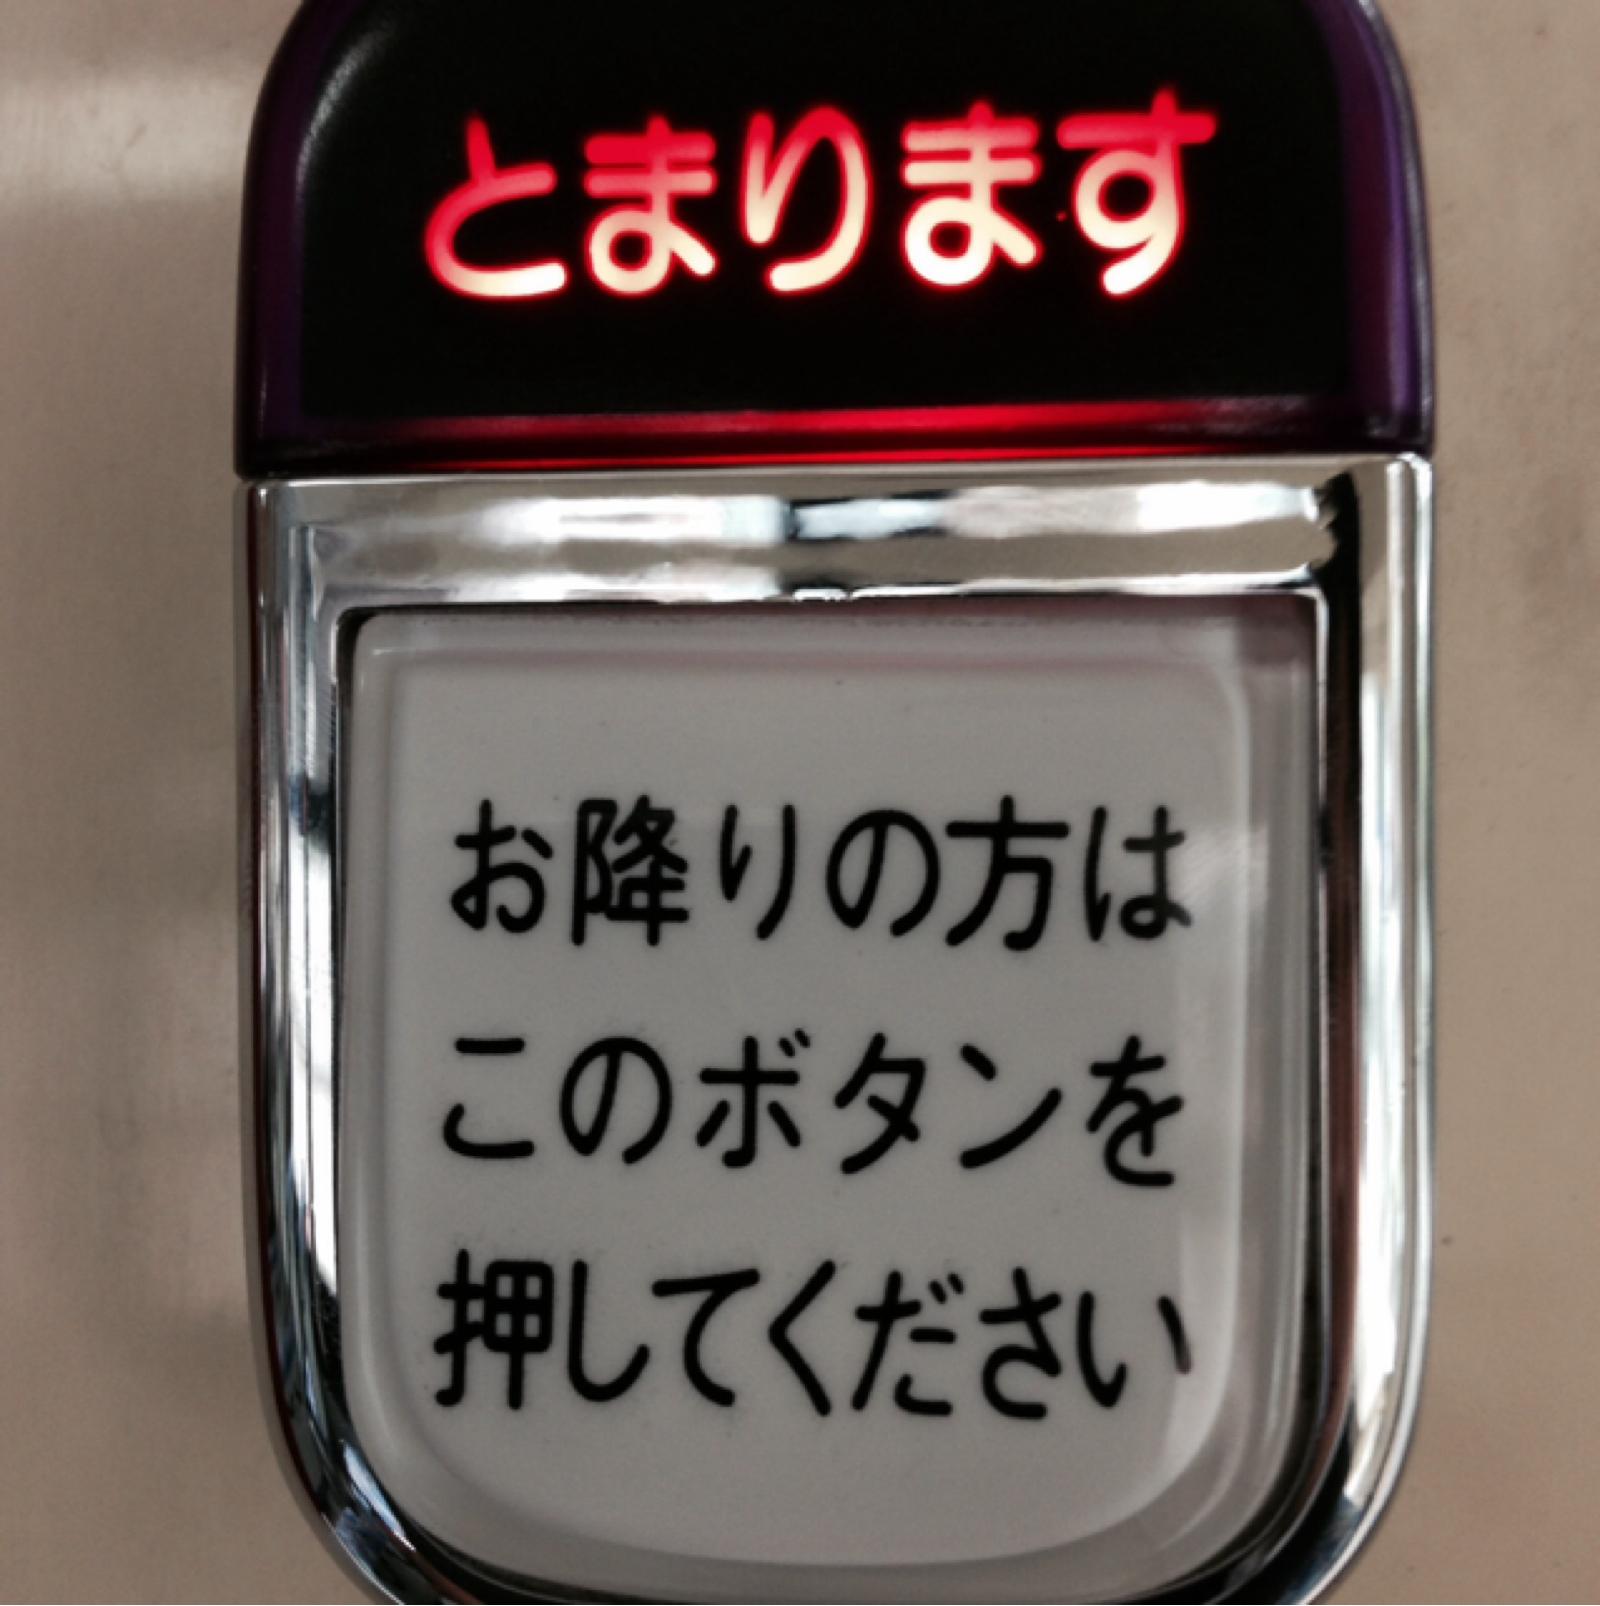 なま@青苺さんのスペースランナーRM